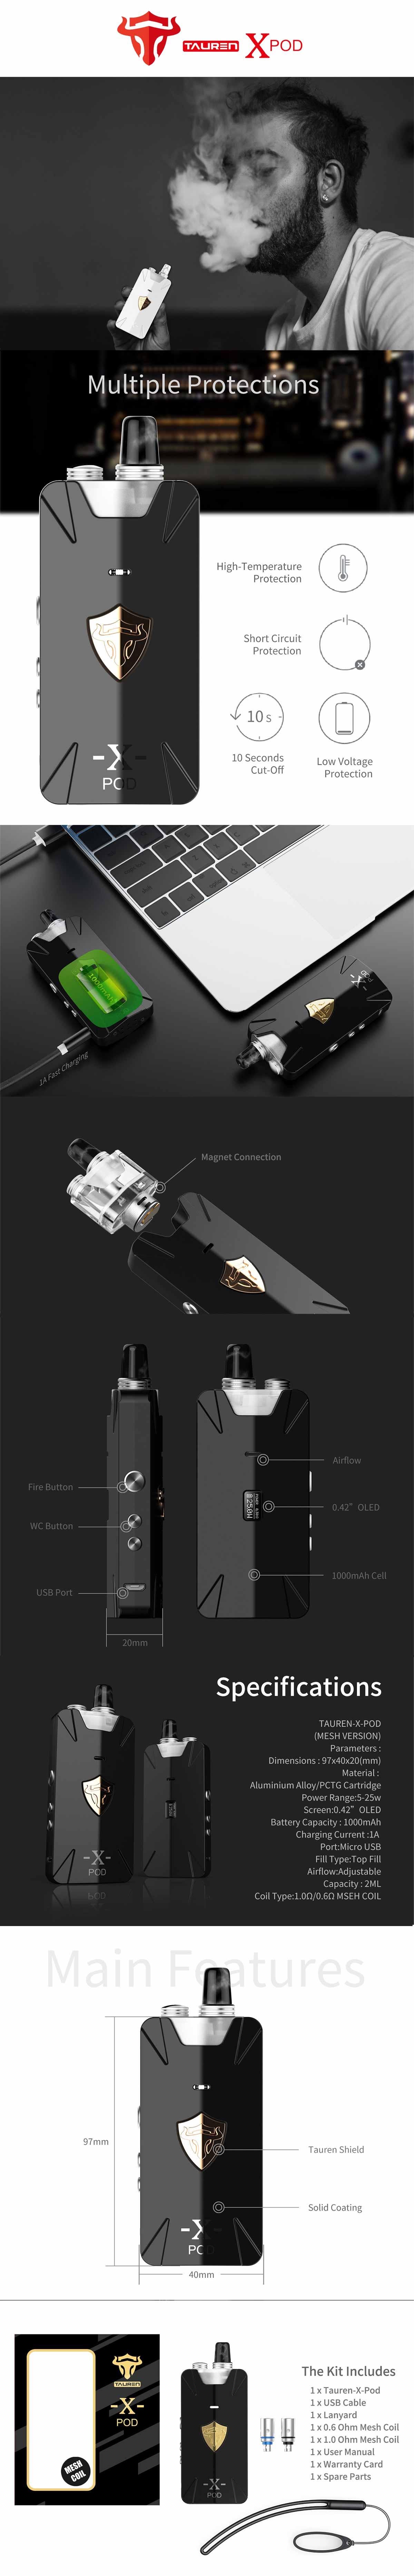 Tauren X Pod Thunderhead Creations, características